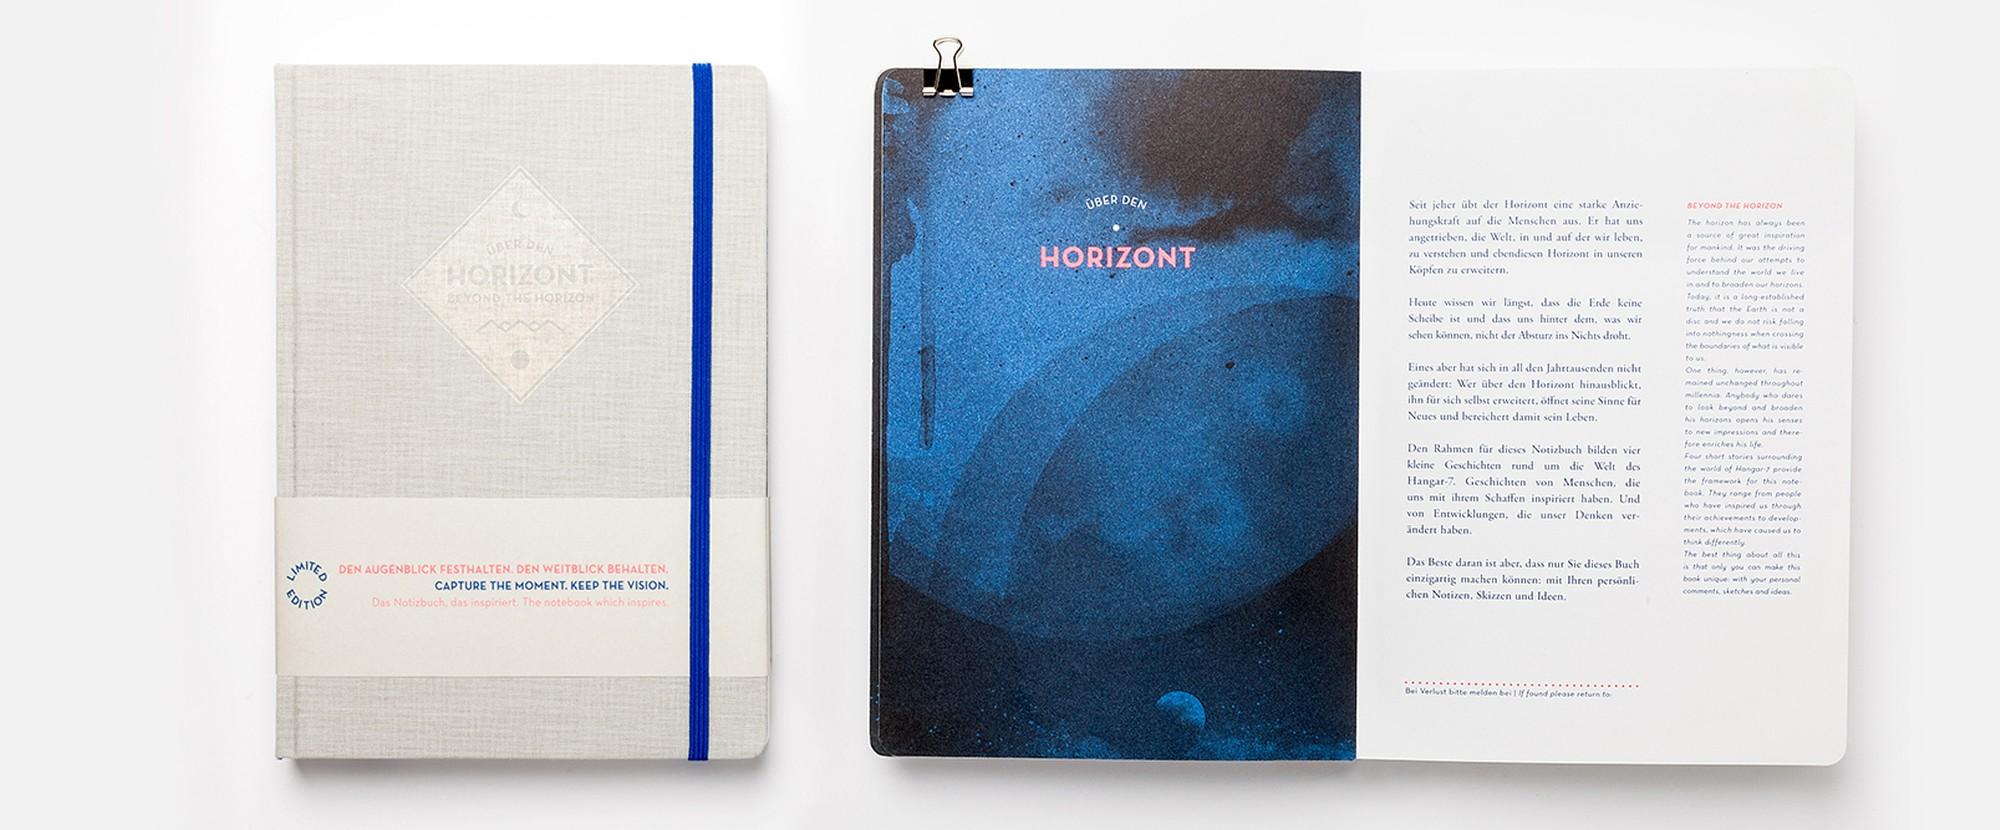 Notizbuchwelt - Über dem Horizont: Eine Notizbuch-Hommage an das Fliegen